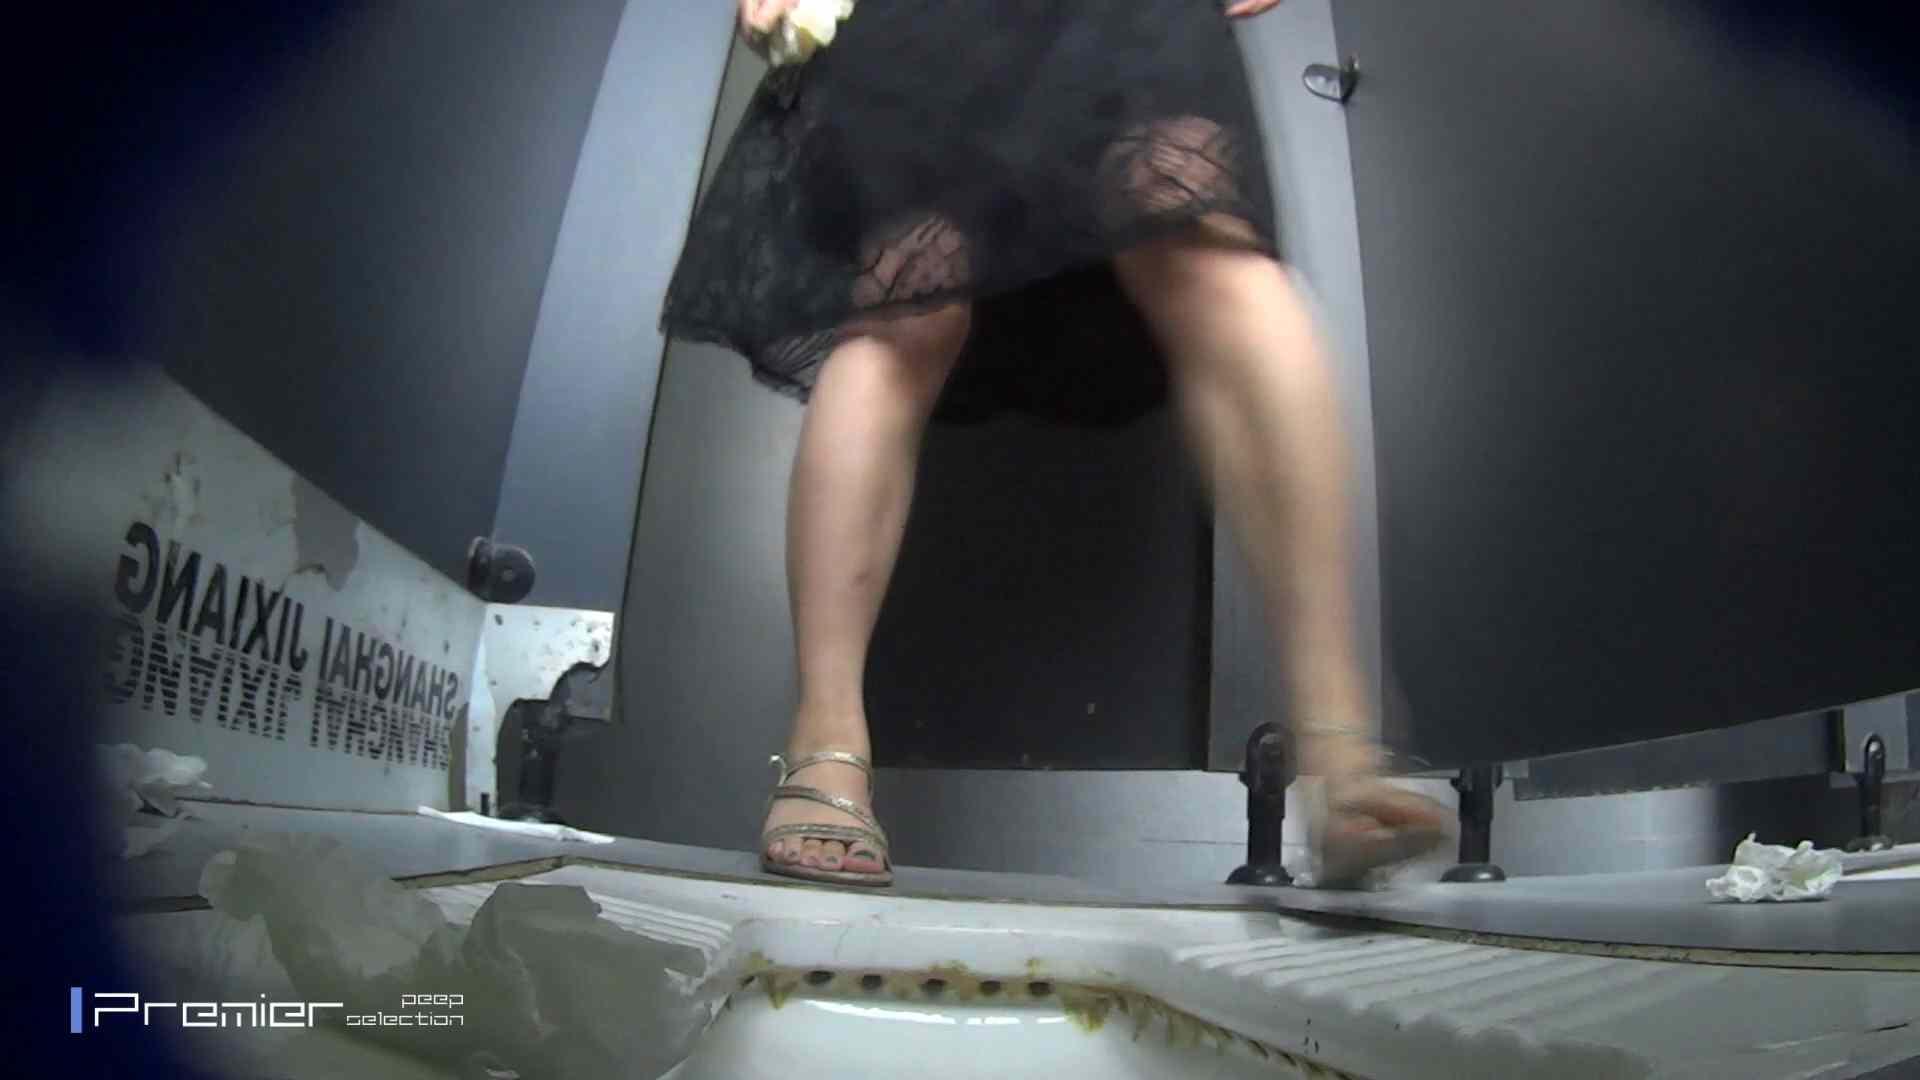 スキニージーンズの美女 大学休憩時間の洗面所事情56 洗面所  107PIX 67